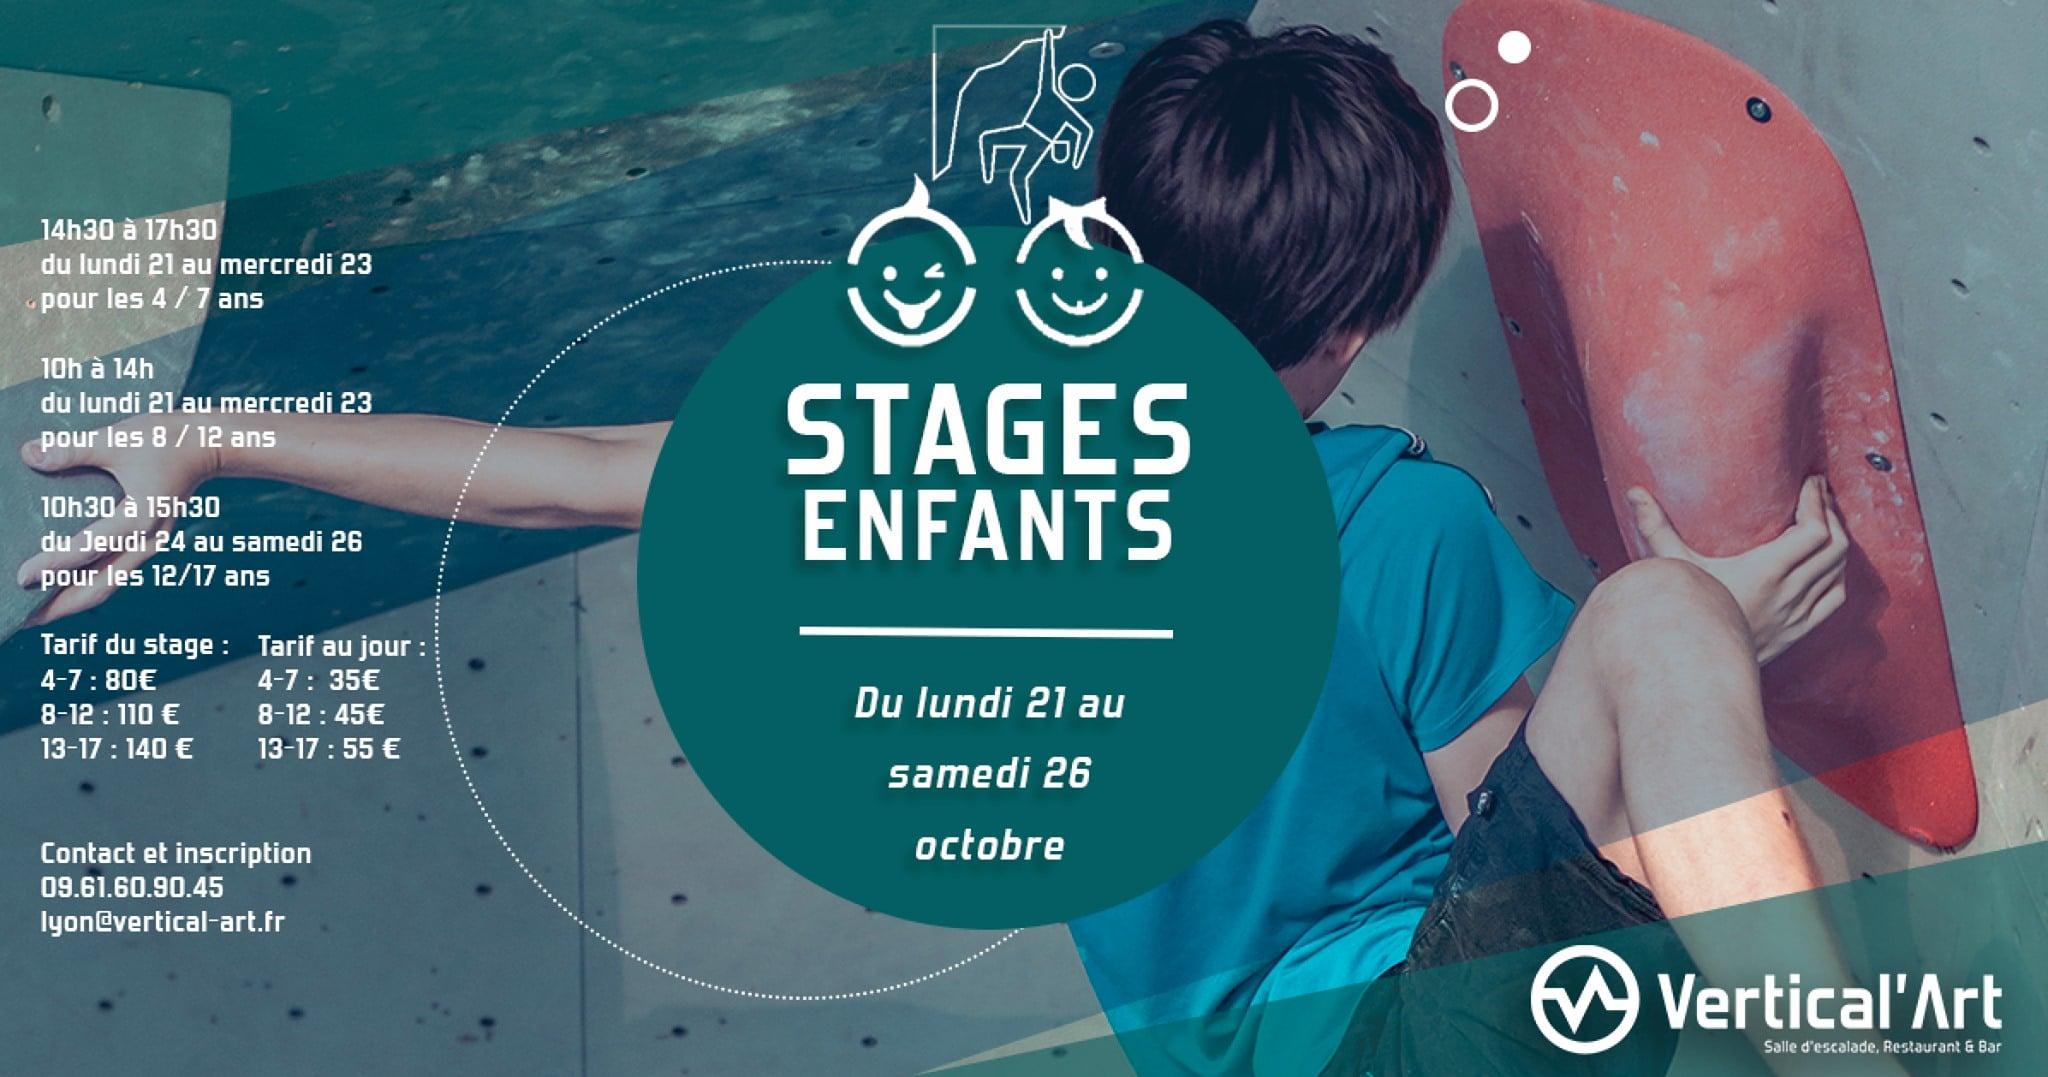 stage enfant à Vertical'Art Lyon - salle d'escalade de bloc - restaurant et bar - stage adolescent - stage préado - stage 4-7ans - ludique et encadré par nos moniteur d'escalade